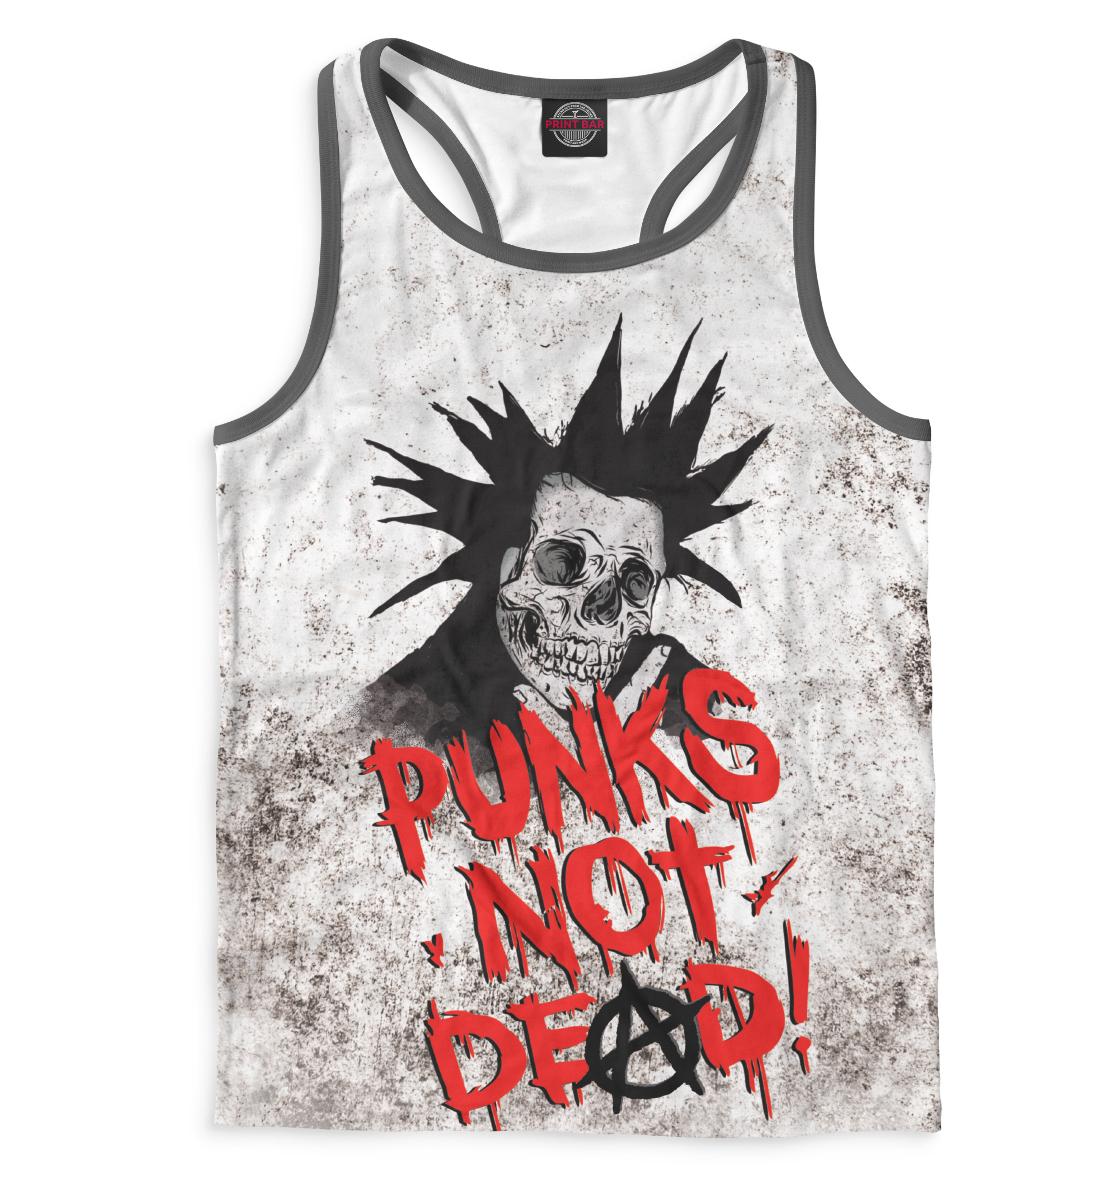 Майка борцовка Punks not Dead!